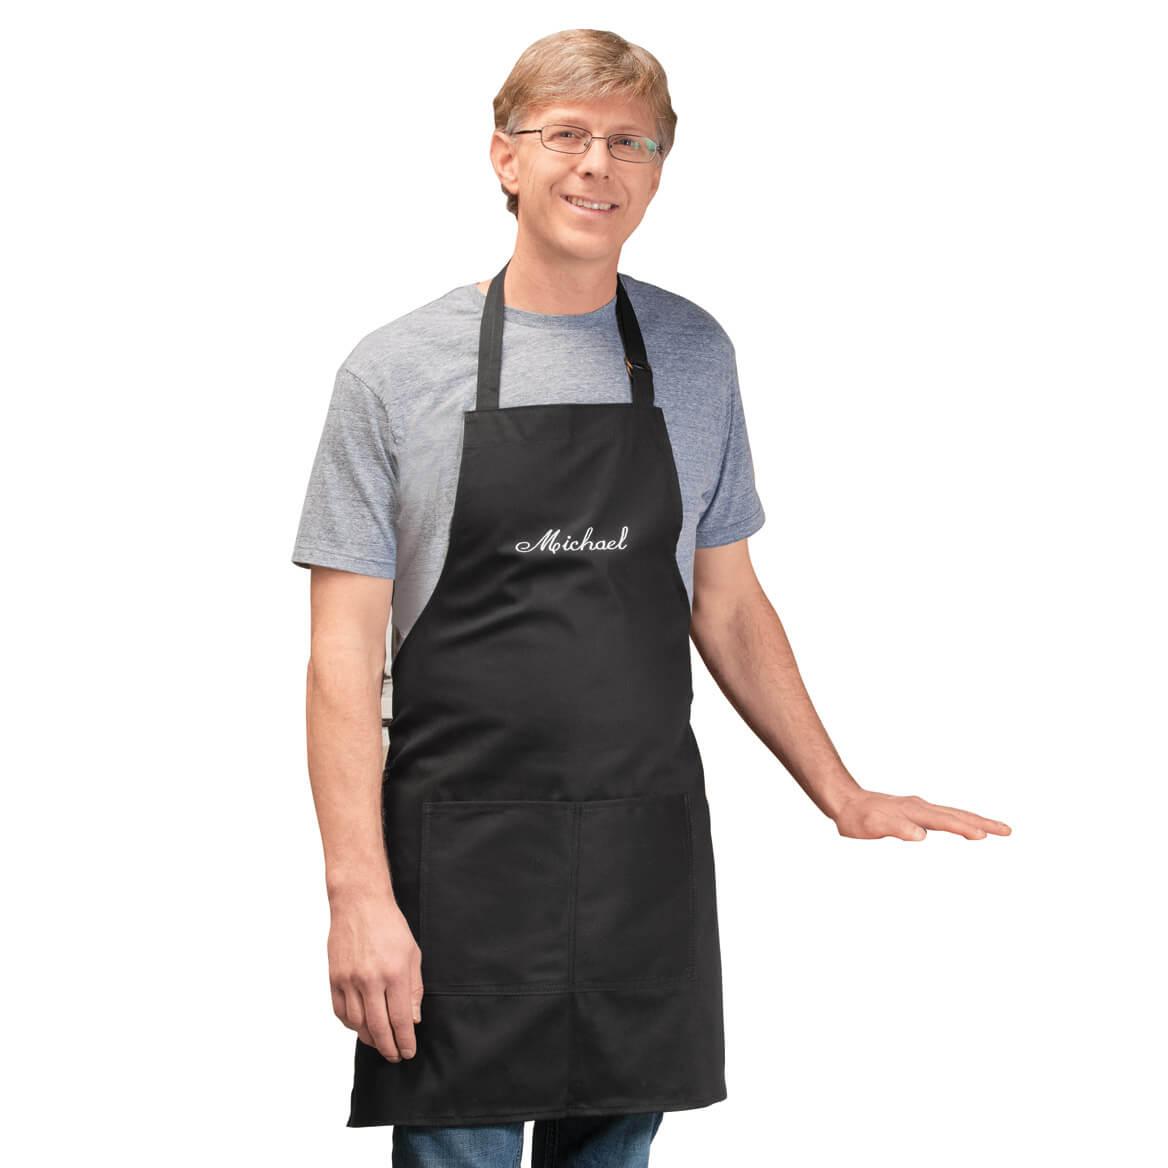 Personalized Chef Apron By Sawyer Creek Studio™-311015